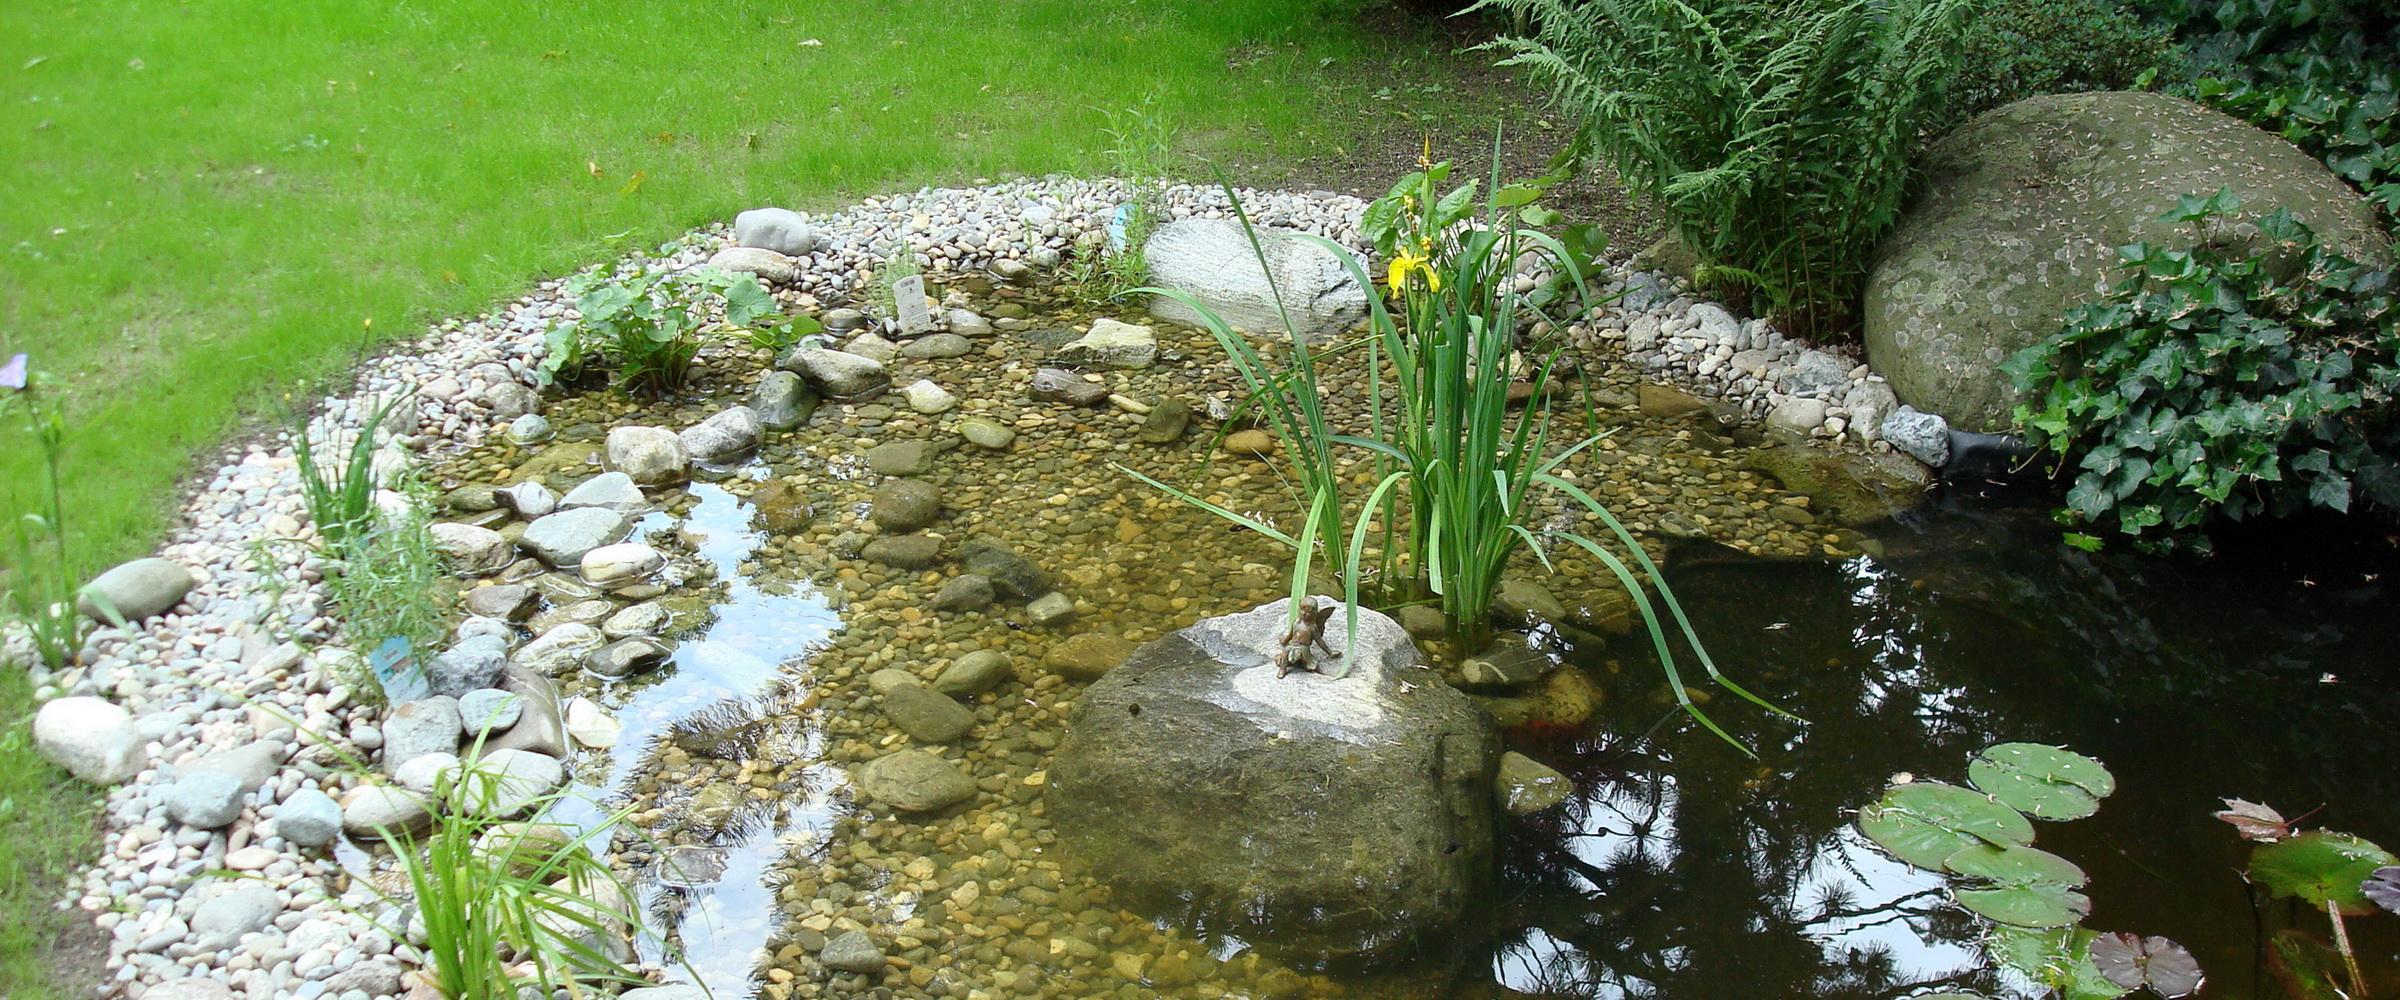 Ein Gartenteich im Kiesbett lässt jeden Garten schöner aussehen